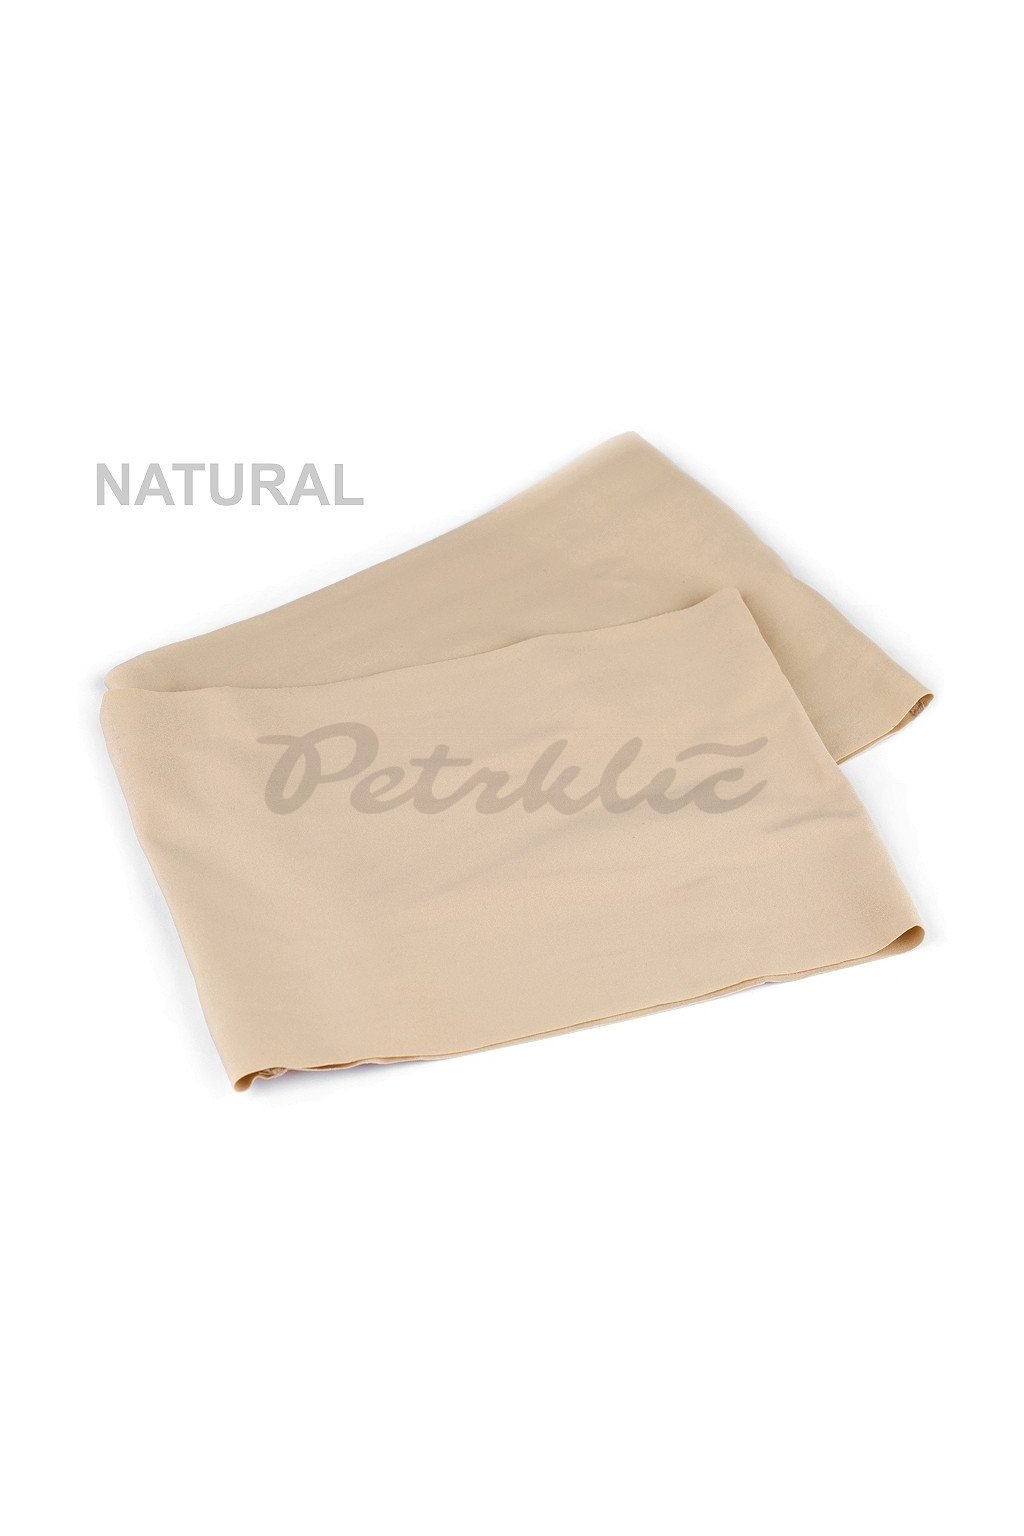 Samodržící pásky proti odírání stehen - barva natural   L9790326